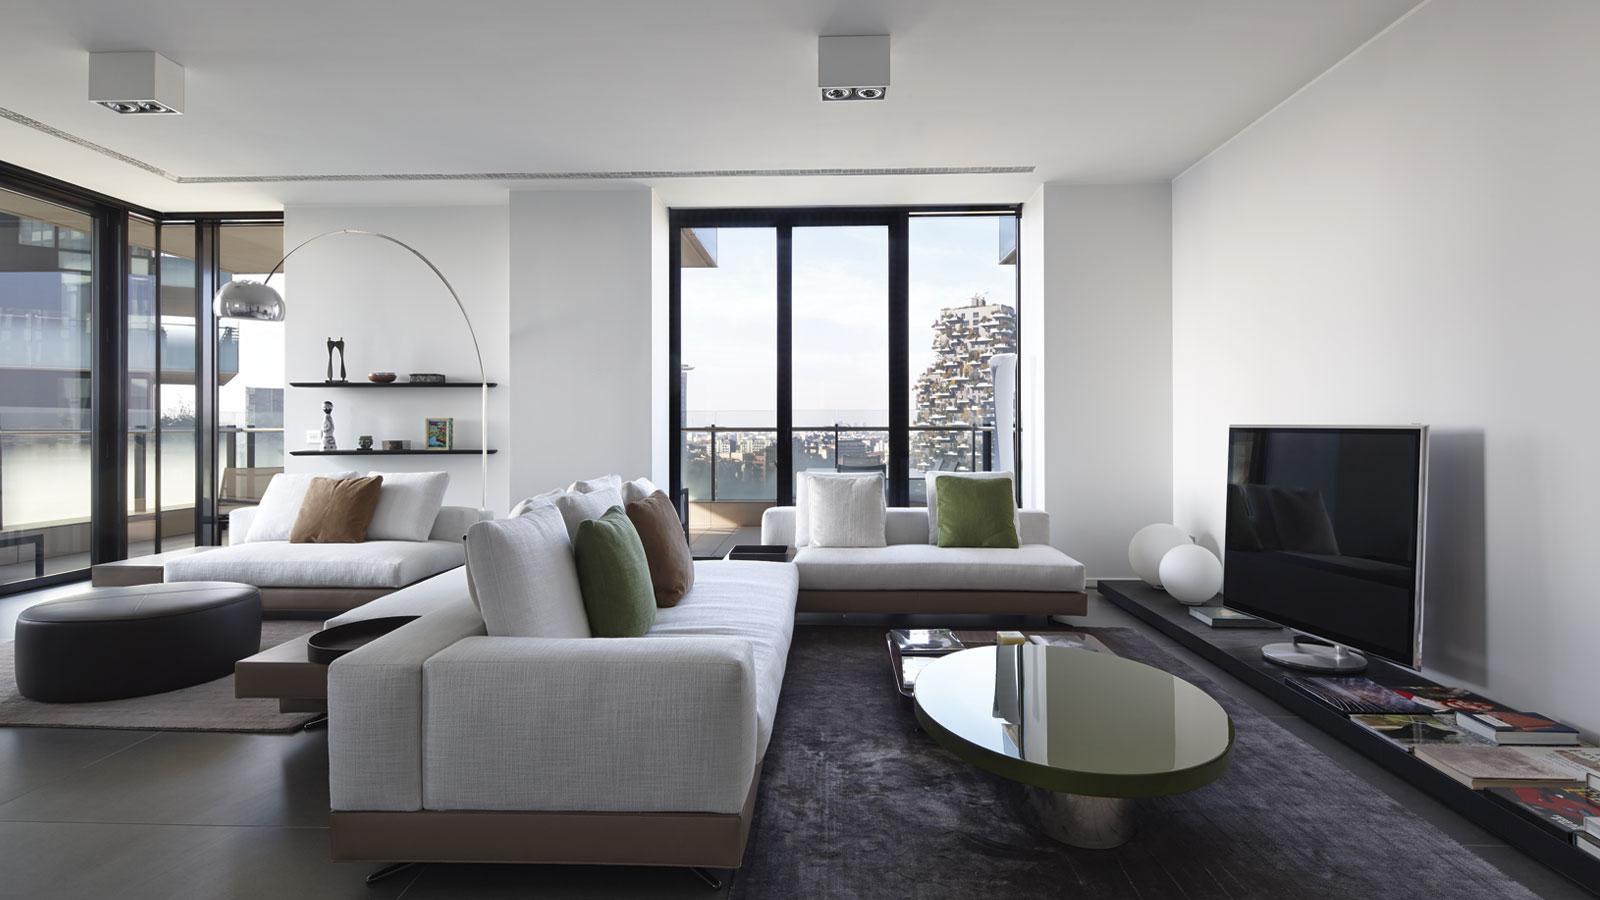 Appartamenti torre solaria consulta il blog sag80 for Appartamenti design